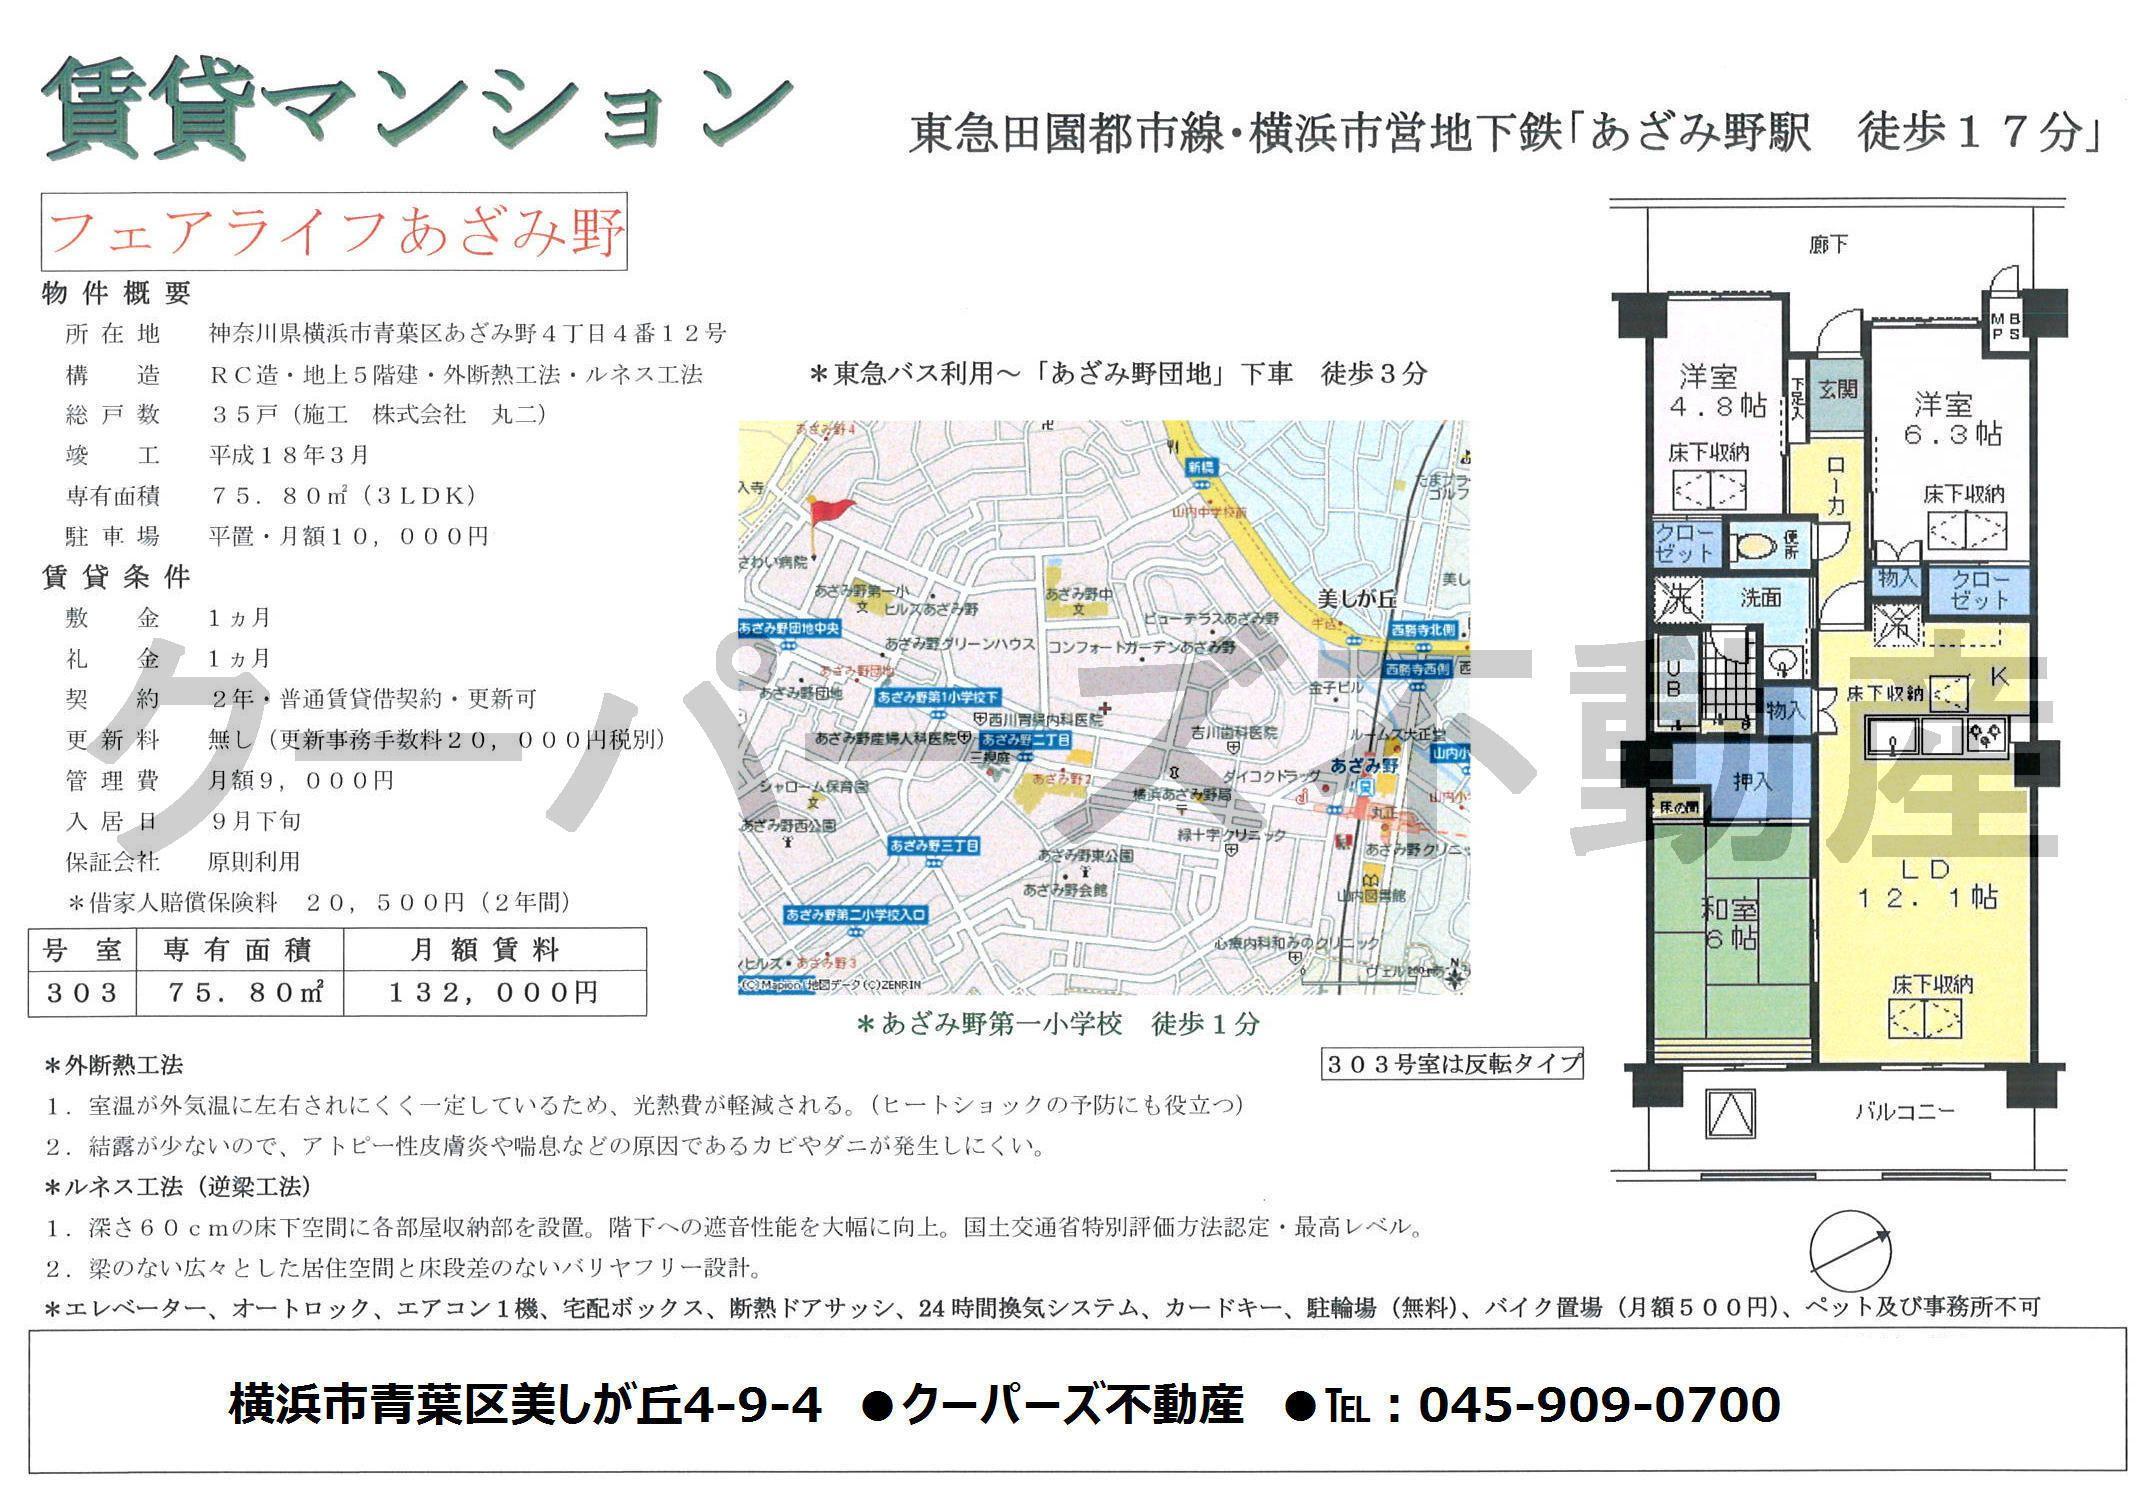 分譲マンションレベルの賃貸マンション「フェアライフあざみ野」303号室の募集図面